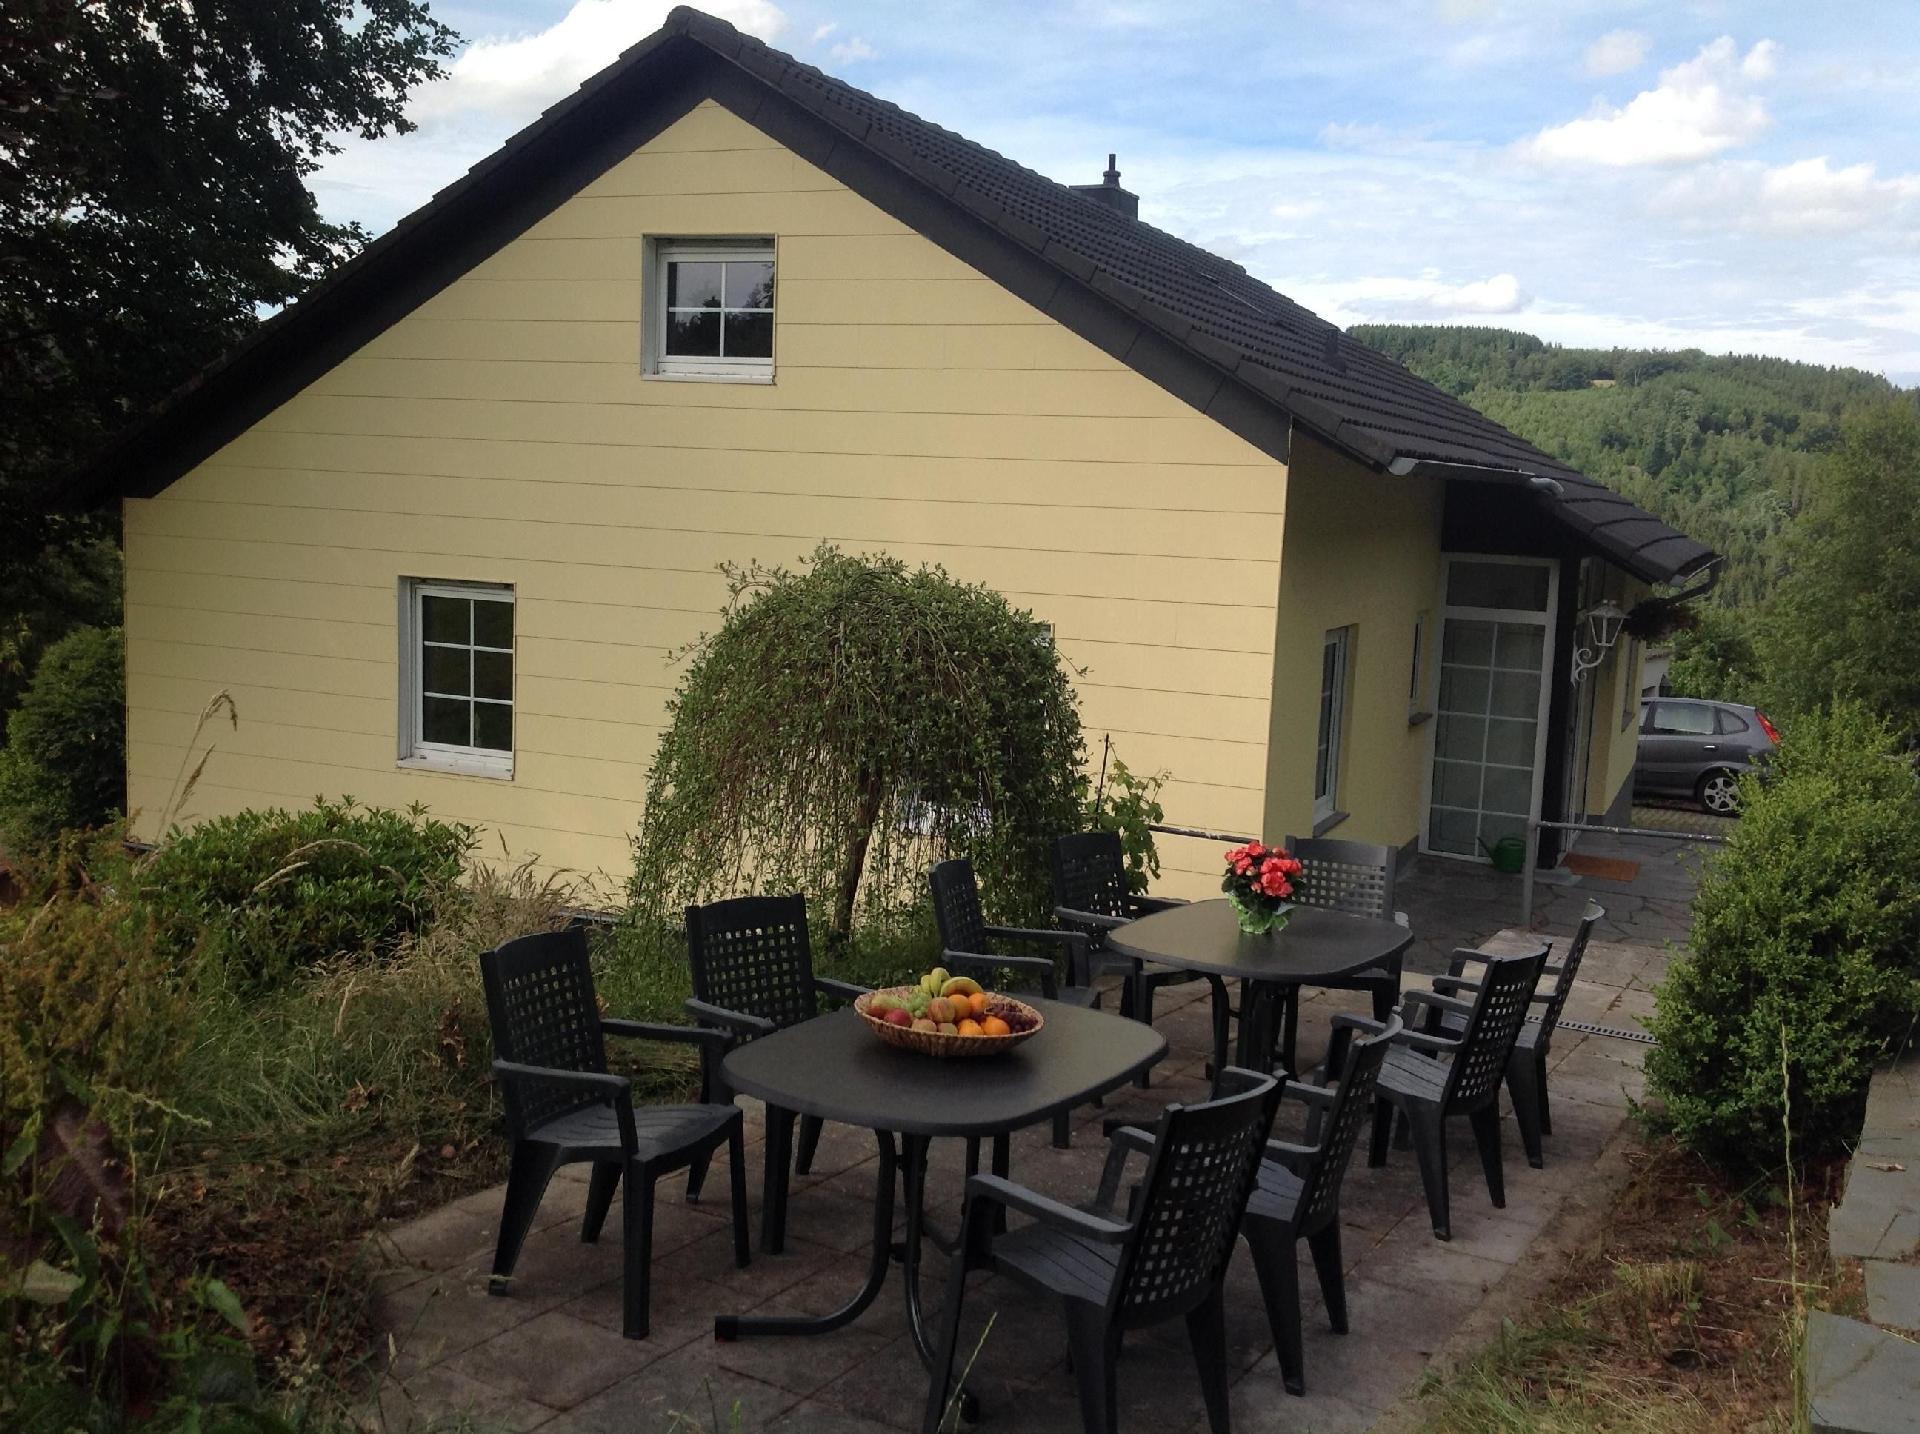 Ferienhaus für 18 Personen ca. 180 m² in   Eifel in NRW